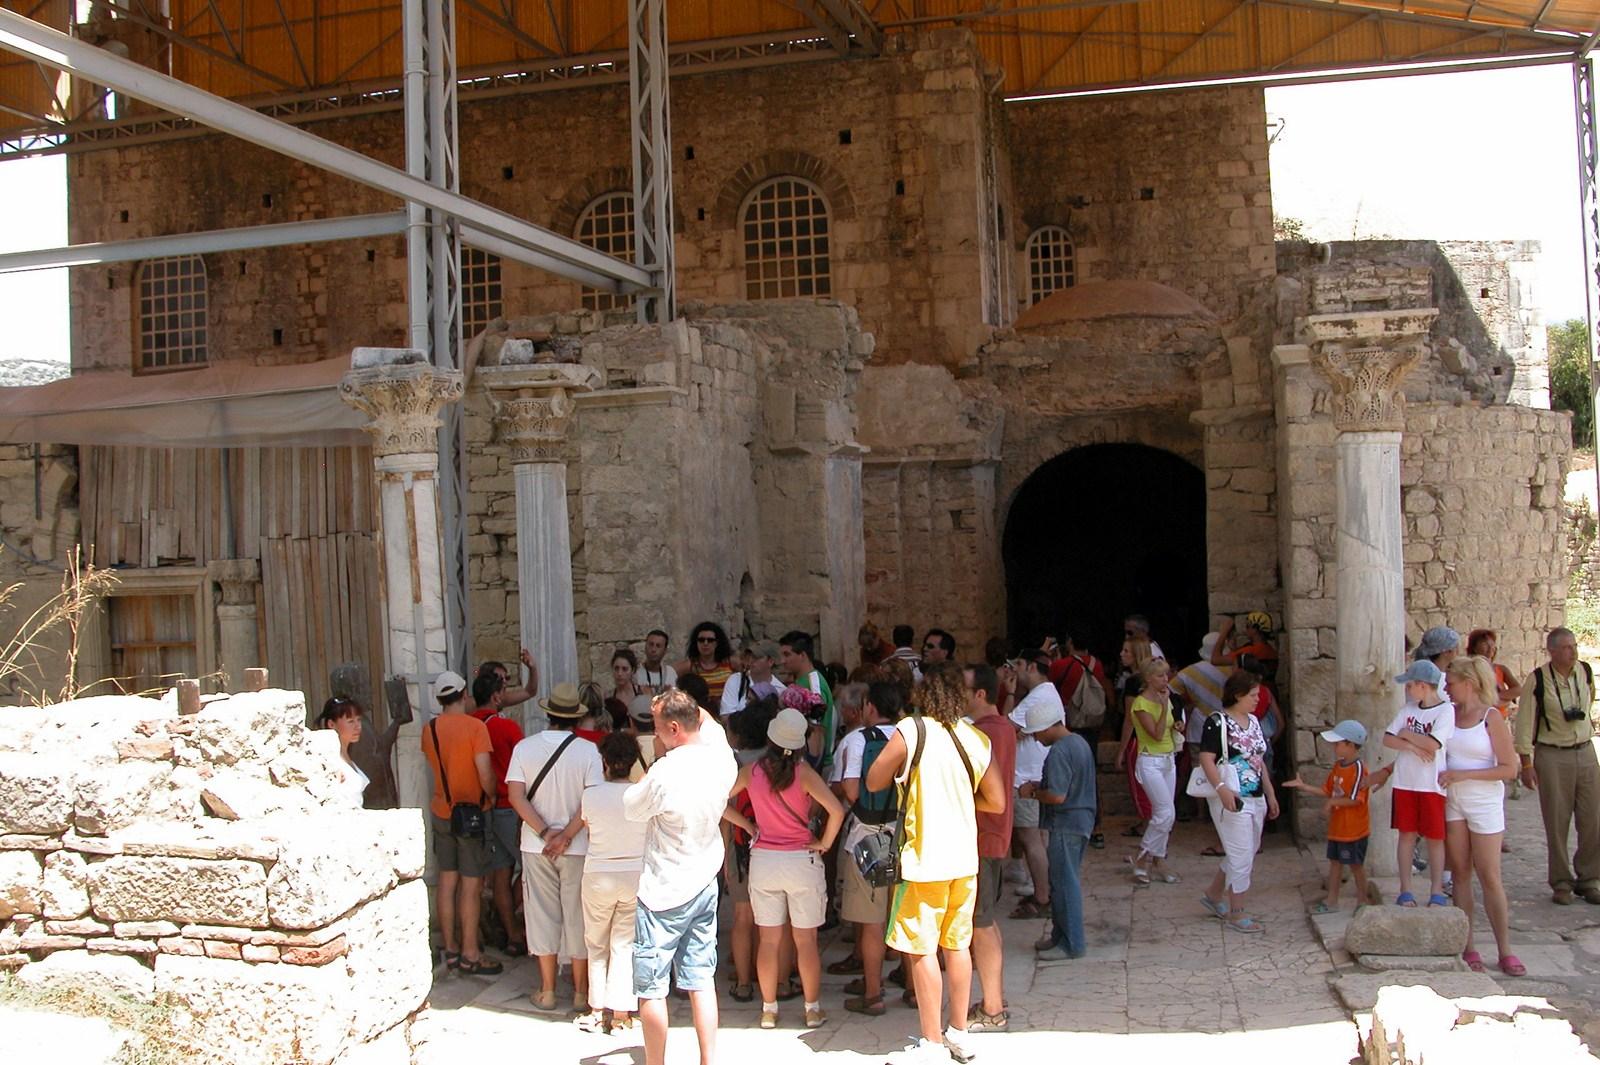 Entrada de la iglesia en la que fue Obispo Santa Claus y su vida en Turquía - 16086695835 f4c6fb5b28 o - Santa Claus y su vida en Turquía